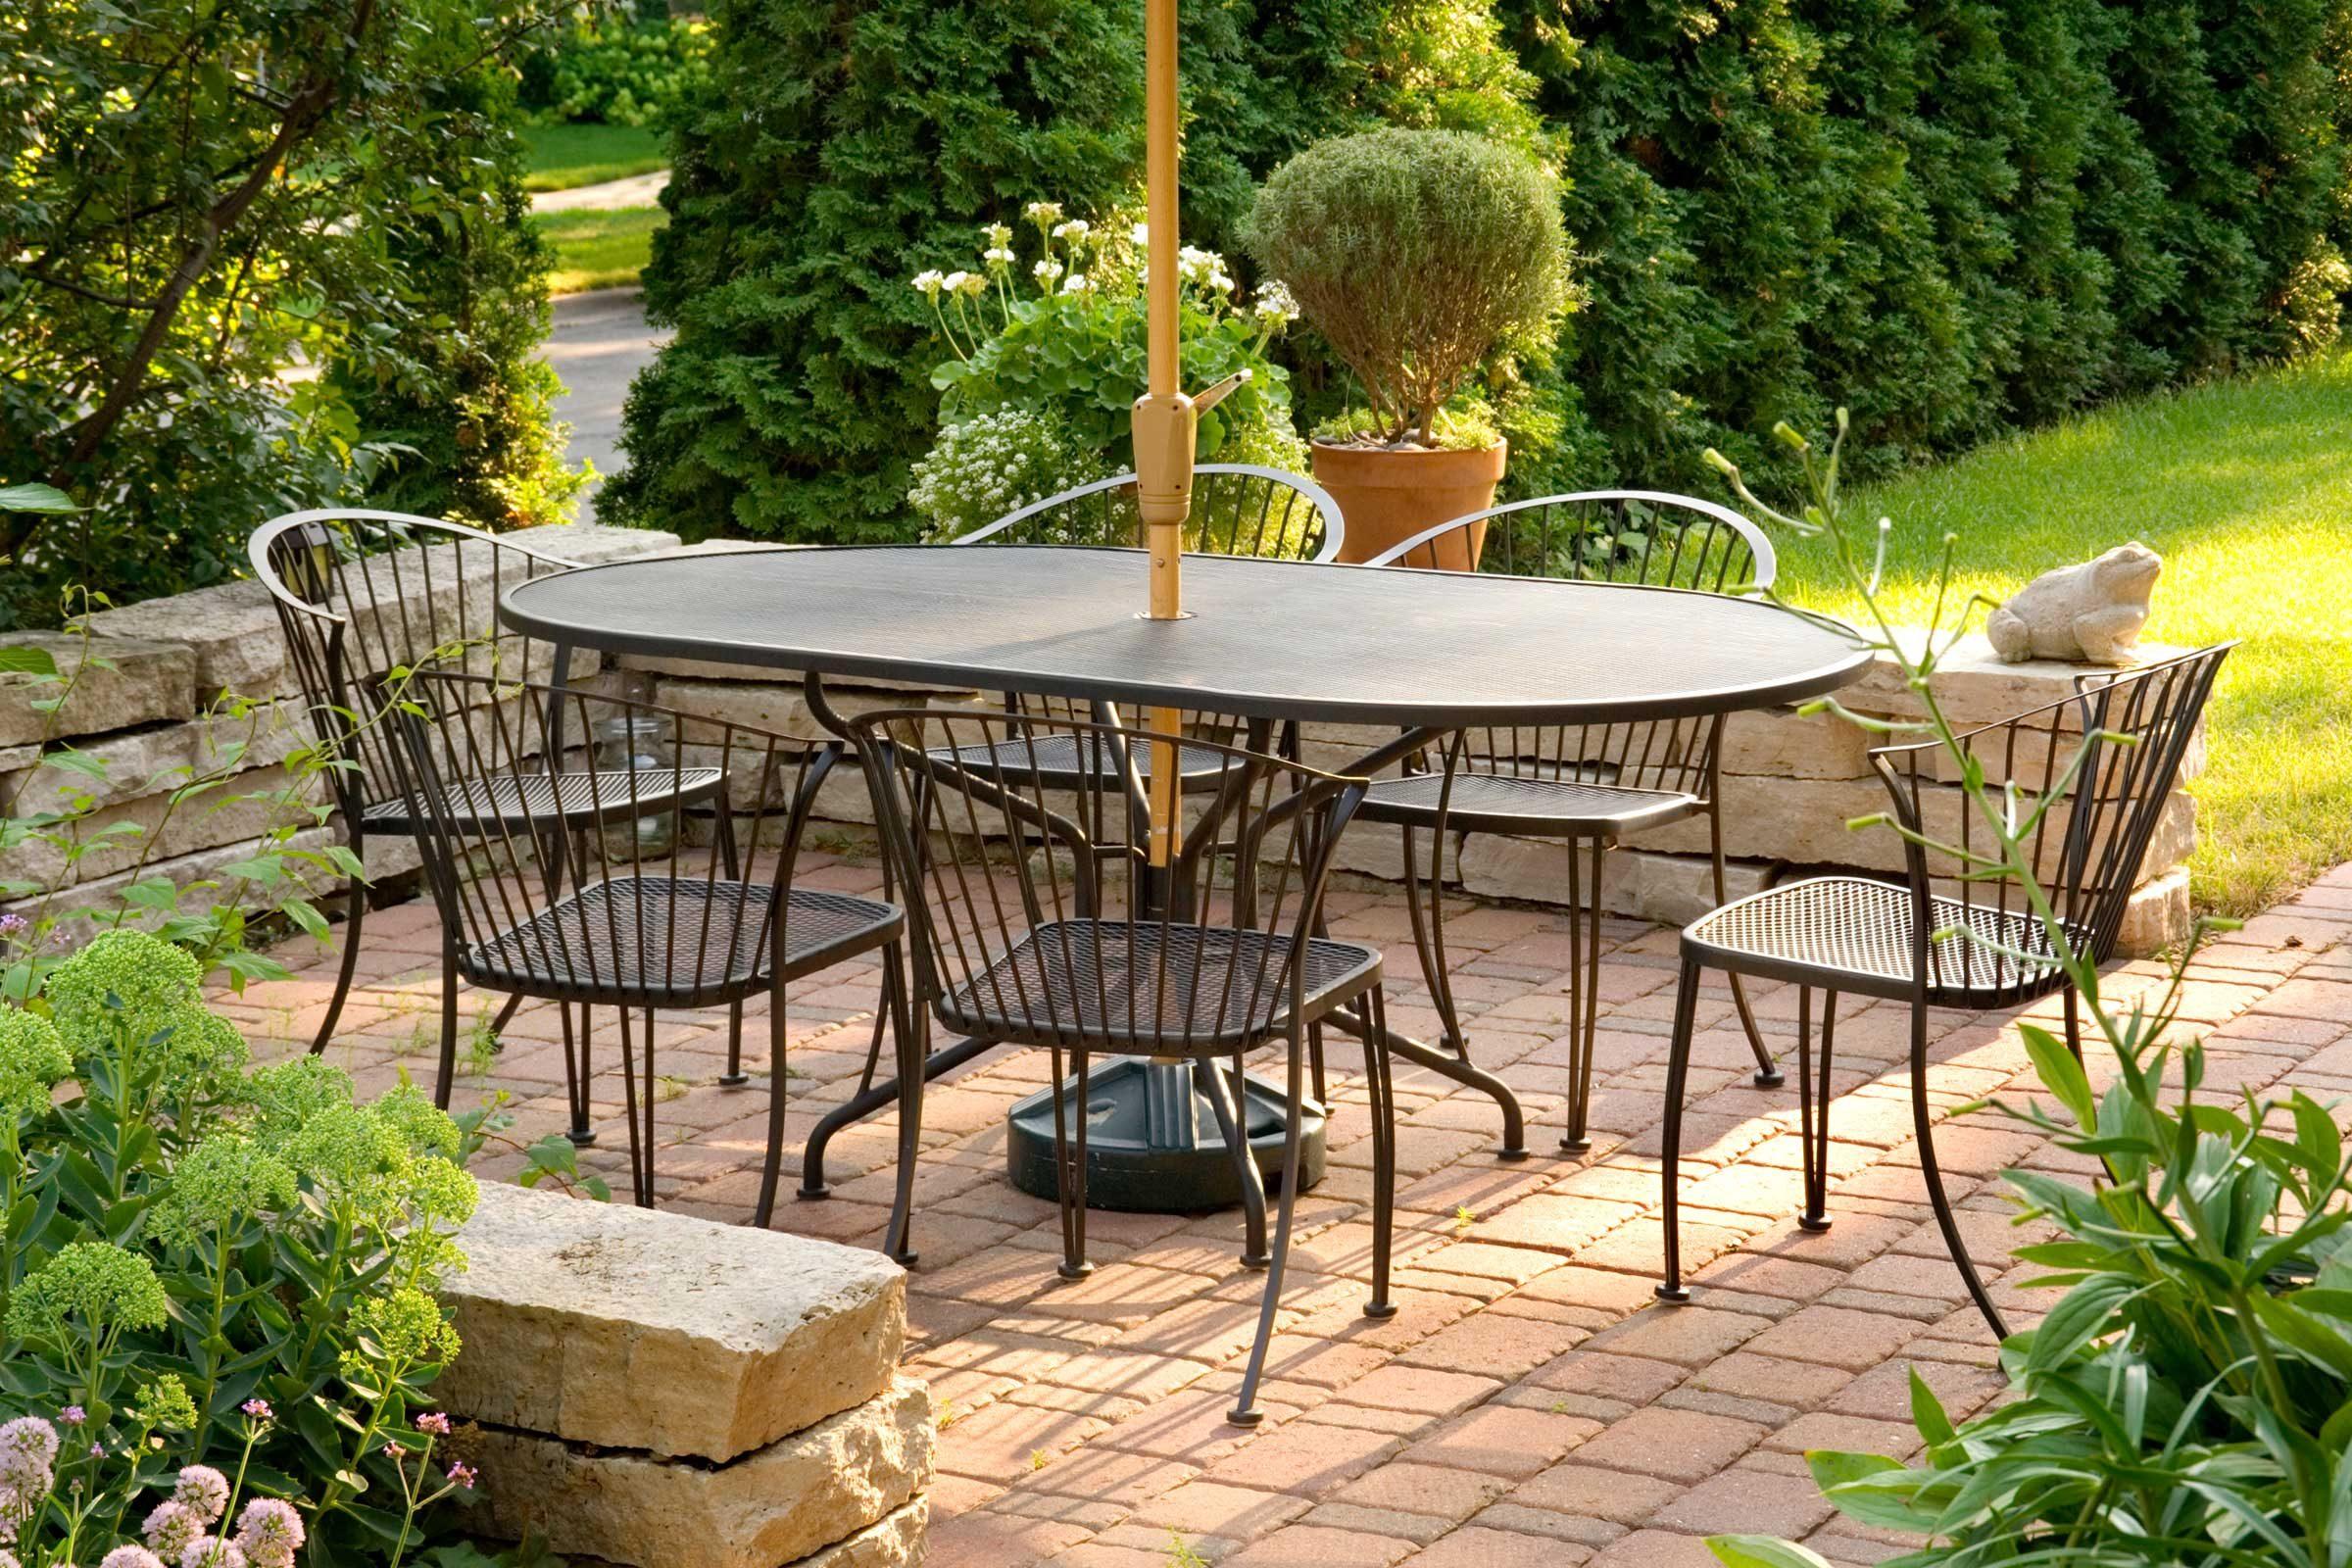 Vinegar brightens patio furniture